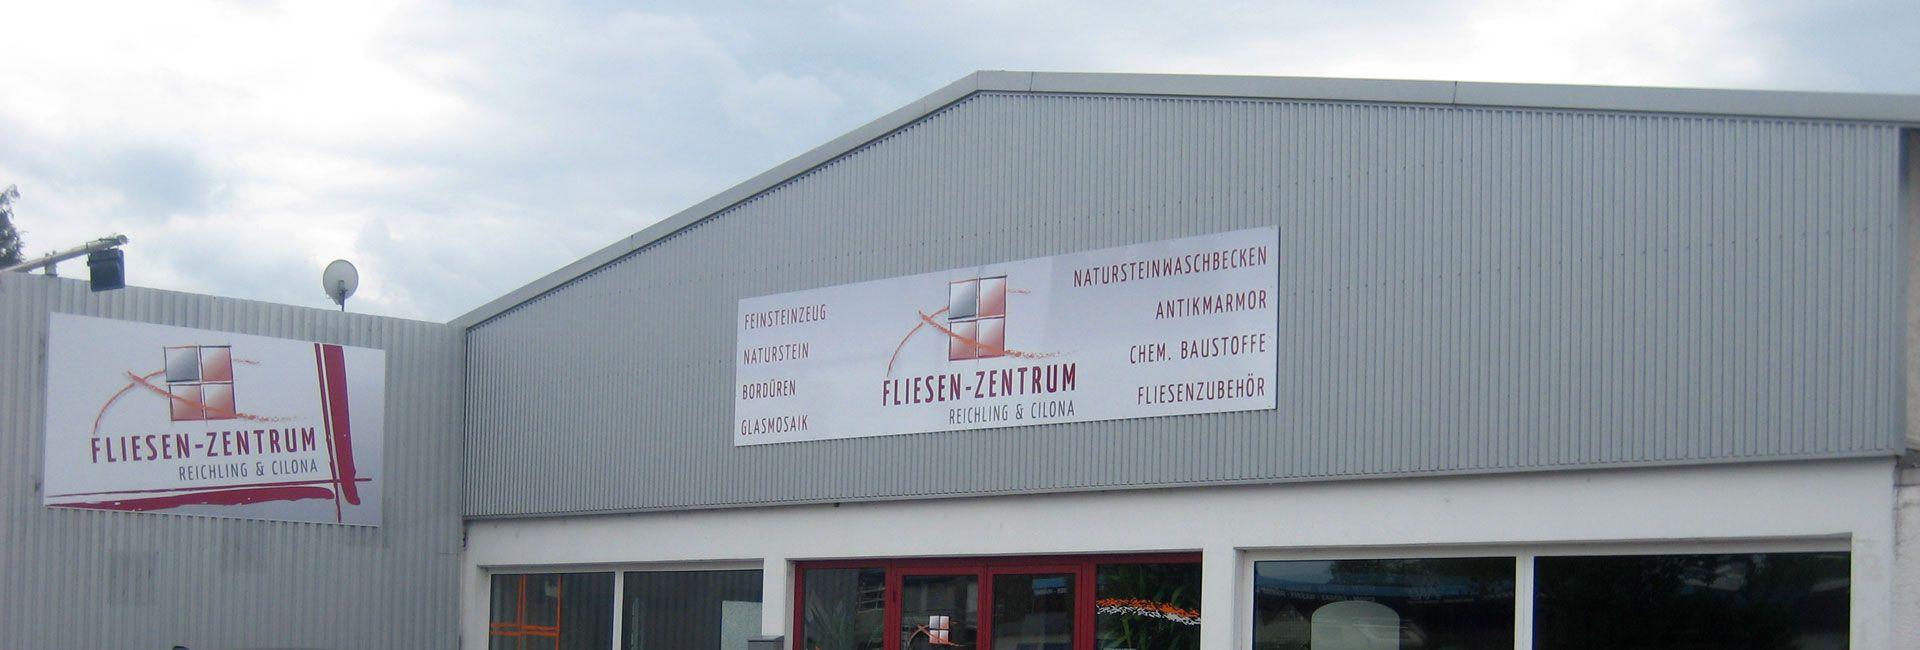 Ihr Fliesenhändler Aus Speyer FliesenZentrum Reichling Cilona - Fliesen kaufen mannheim